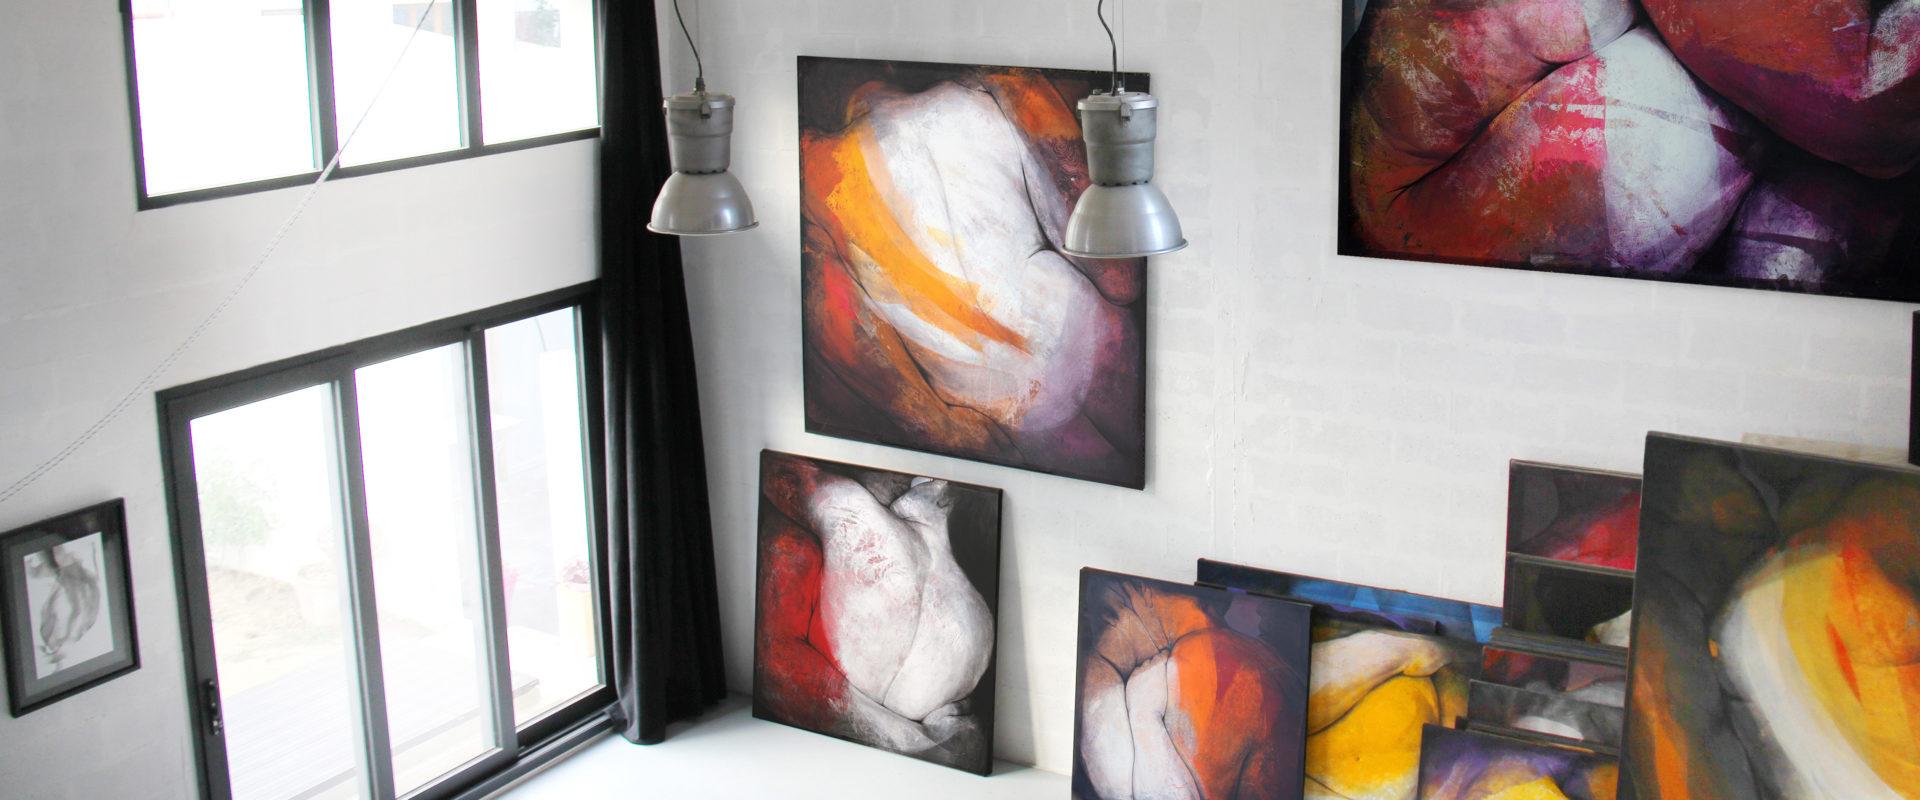 Artiste Peintre Contemporain Toulouse etienne gros - artiste contemporain